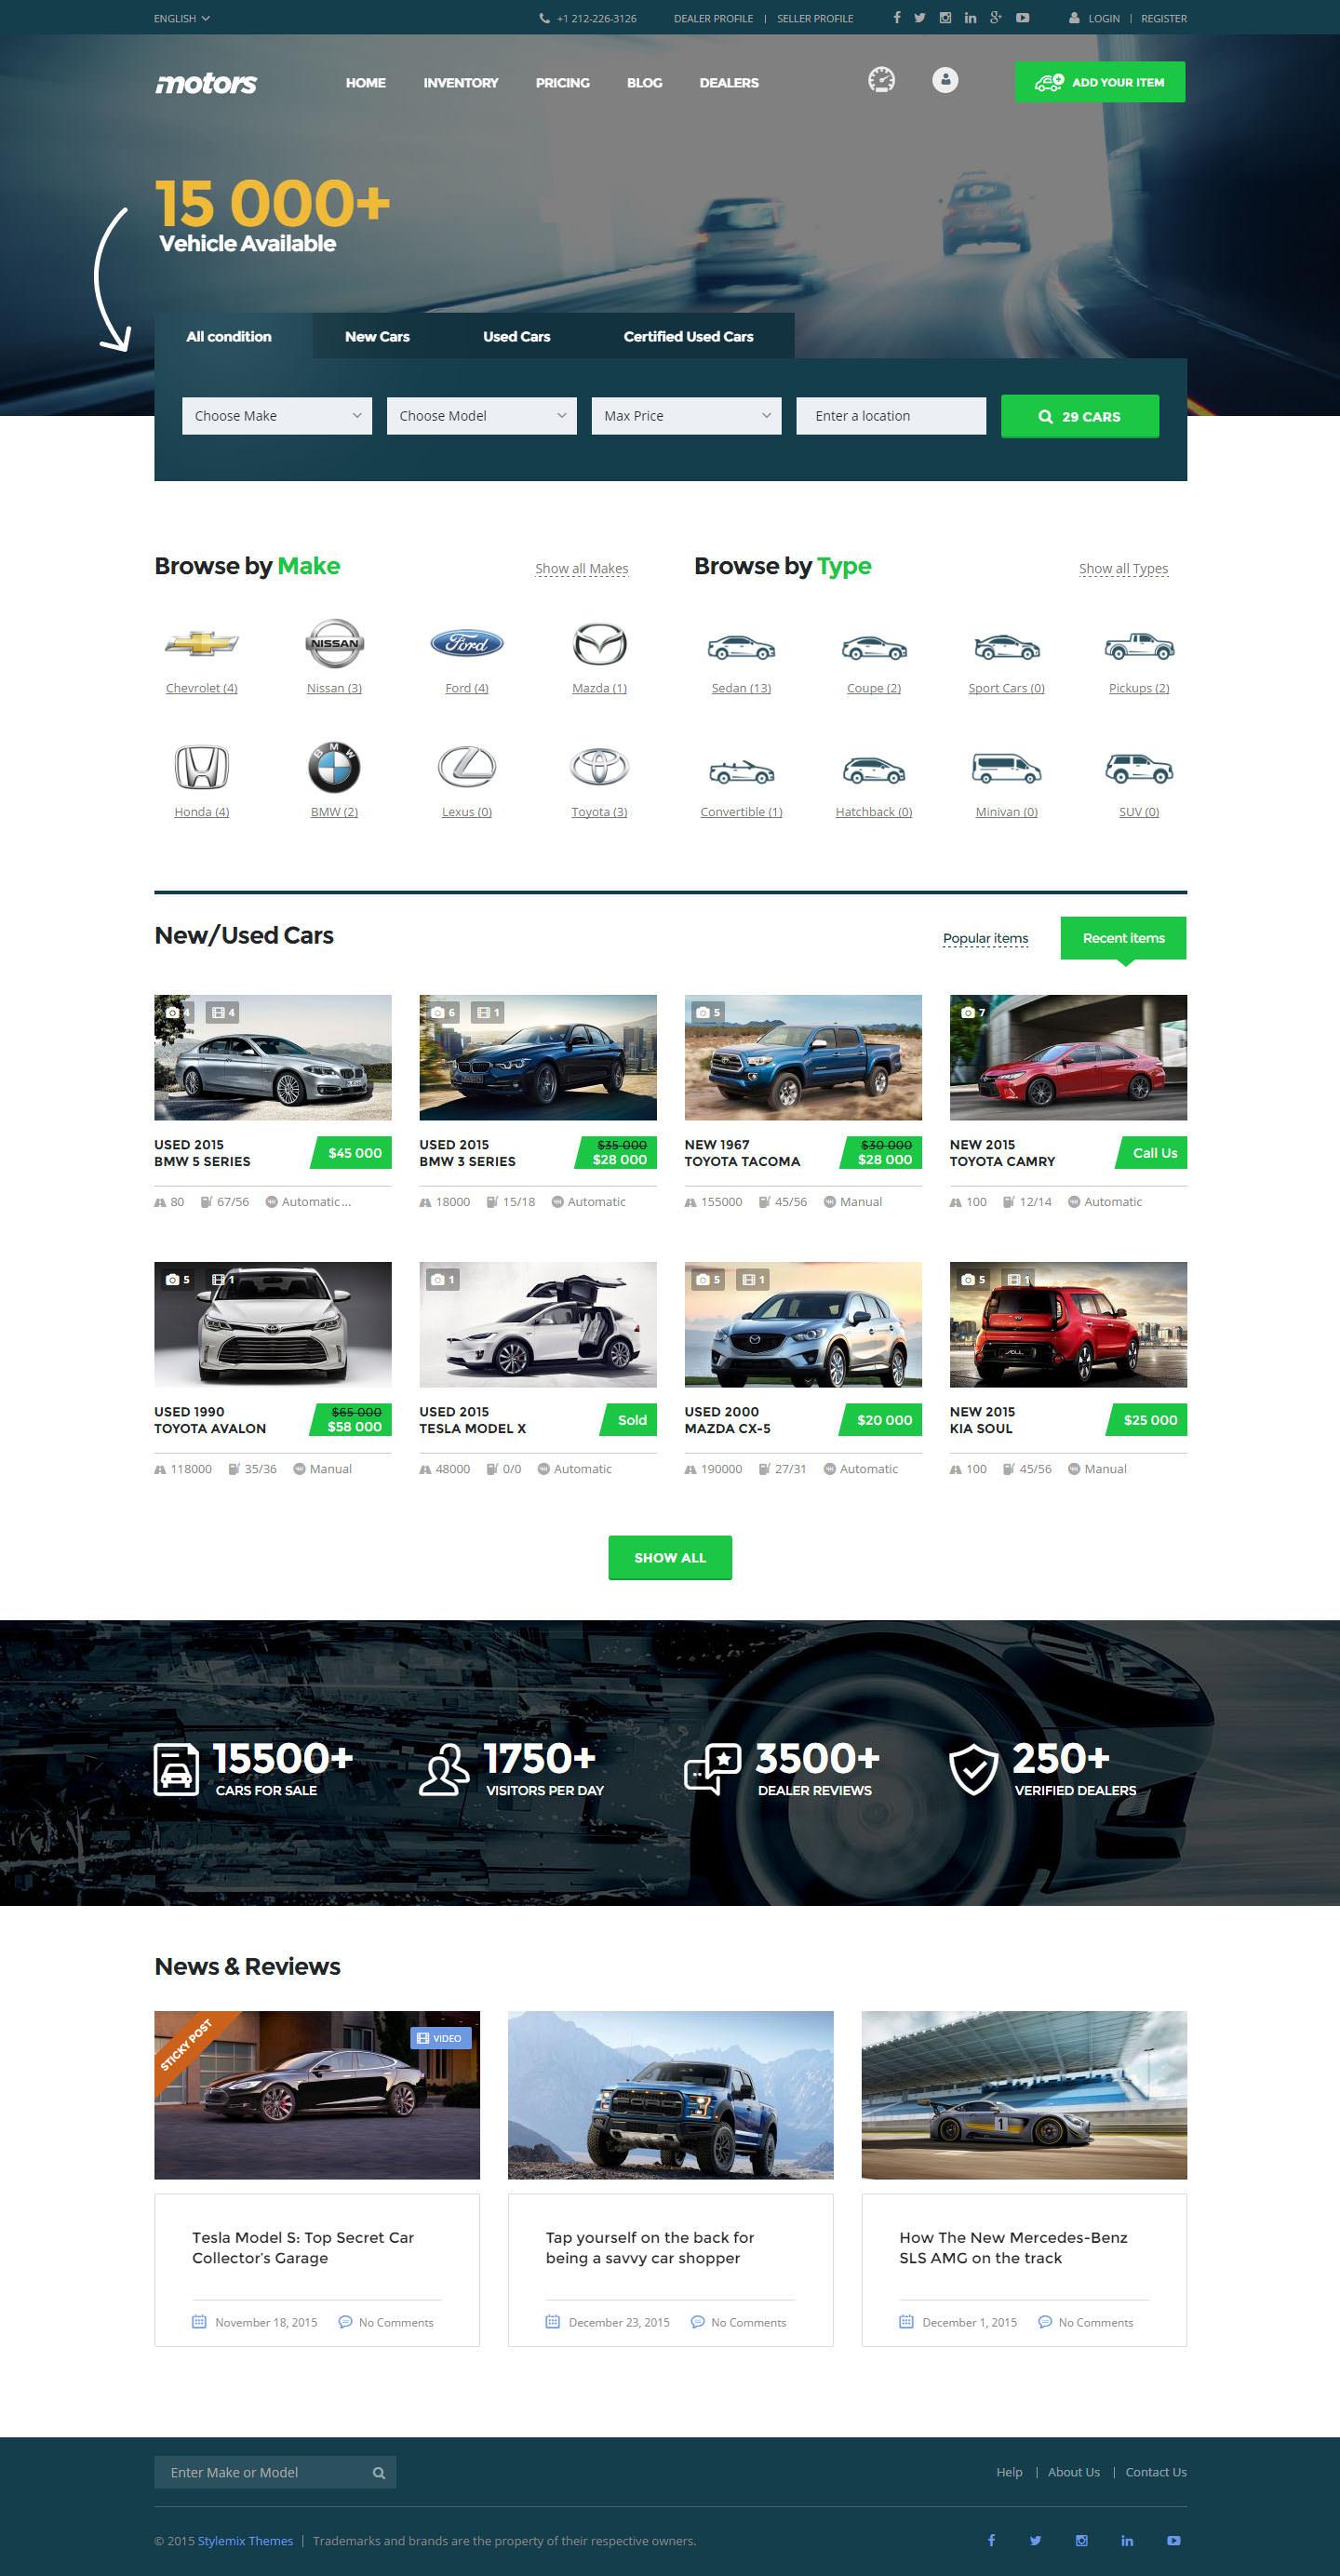 http://www.noupe.com/wp-content/uploads/2016/12/motors-automarkt.jpg